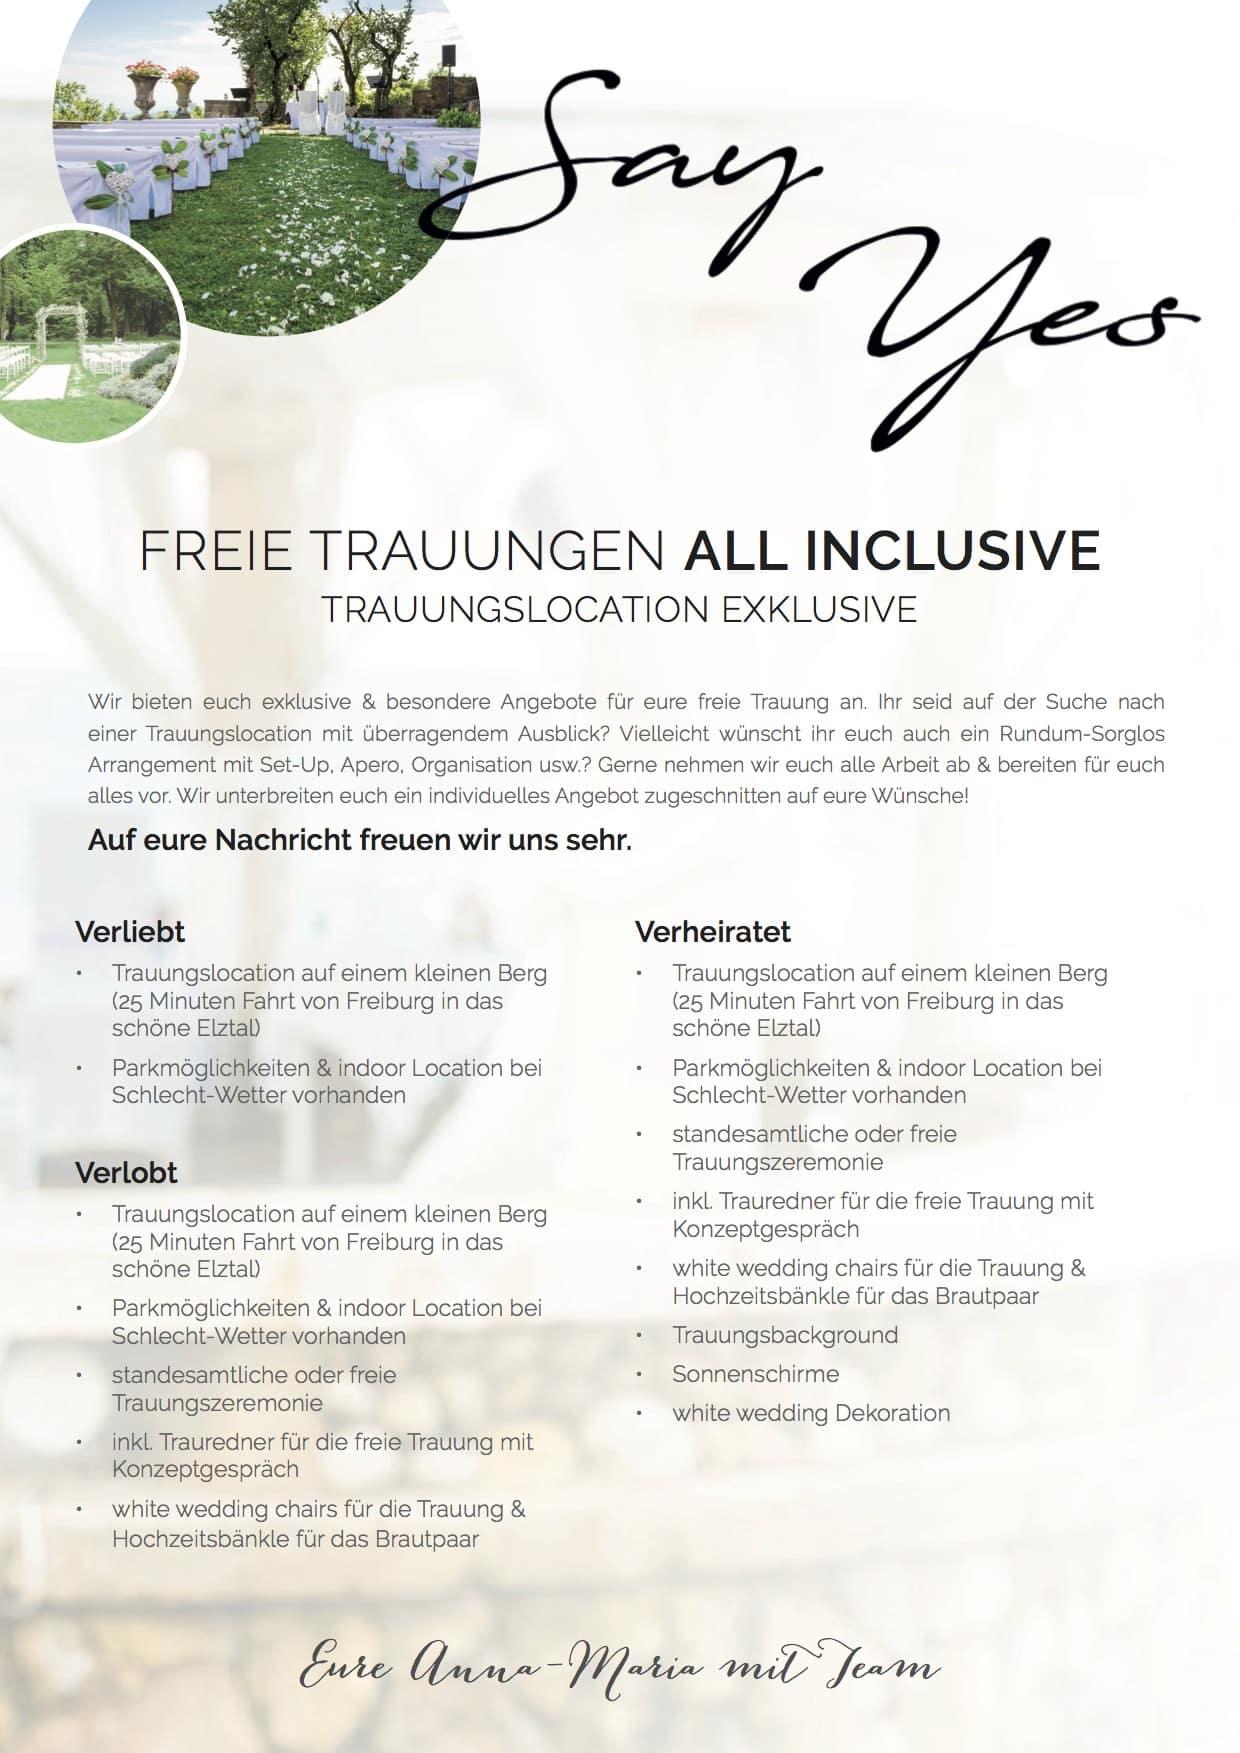 Trauung freie texte wünsche 5 Gedichte